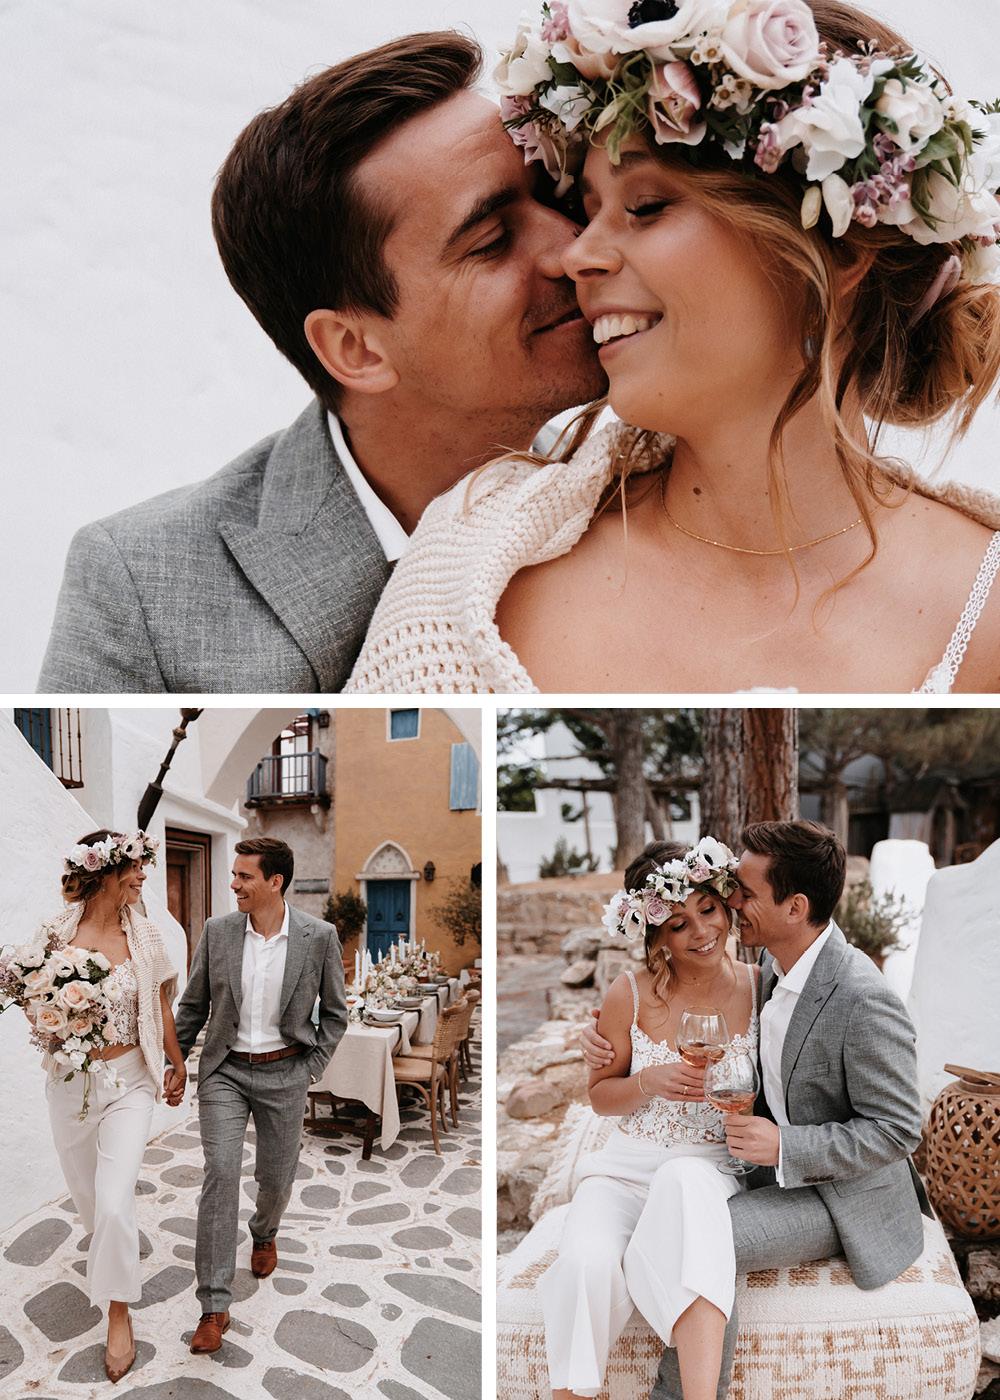 Die Braut und der Bräutigam feiern verliebt ihren großen Tag. Auf dieser Collage trägt sie kein Hochzeitskleid sondern eine Hose mit passendem Spitzenoberteil und dazu einen Blumenkranz auf dem Kopf.